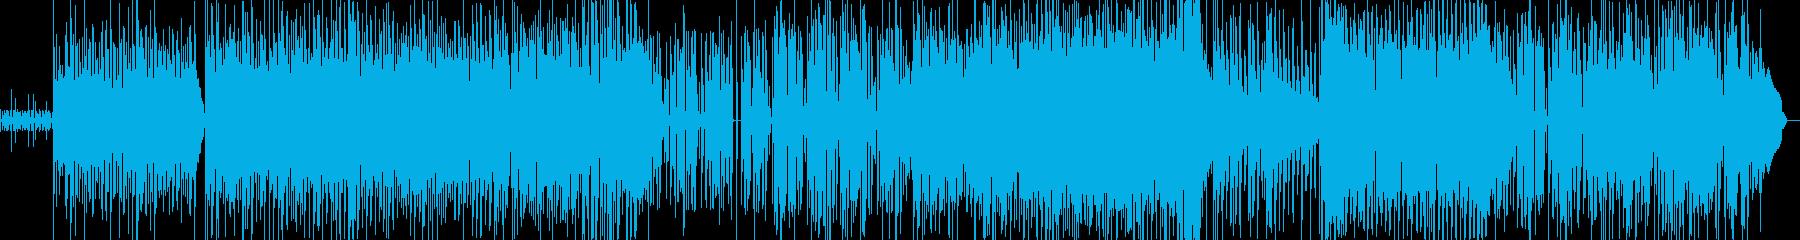 ファンキーでポップなダンスナンバーの再生済みの波形